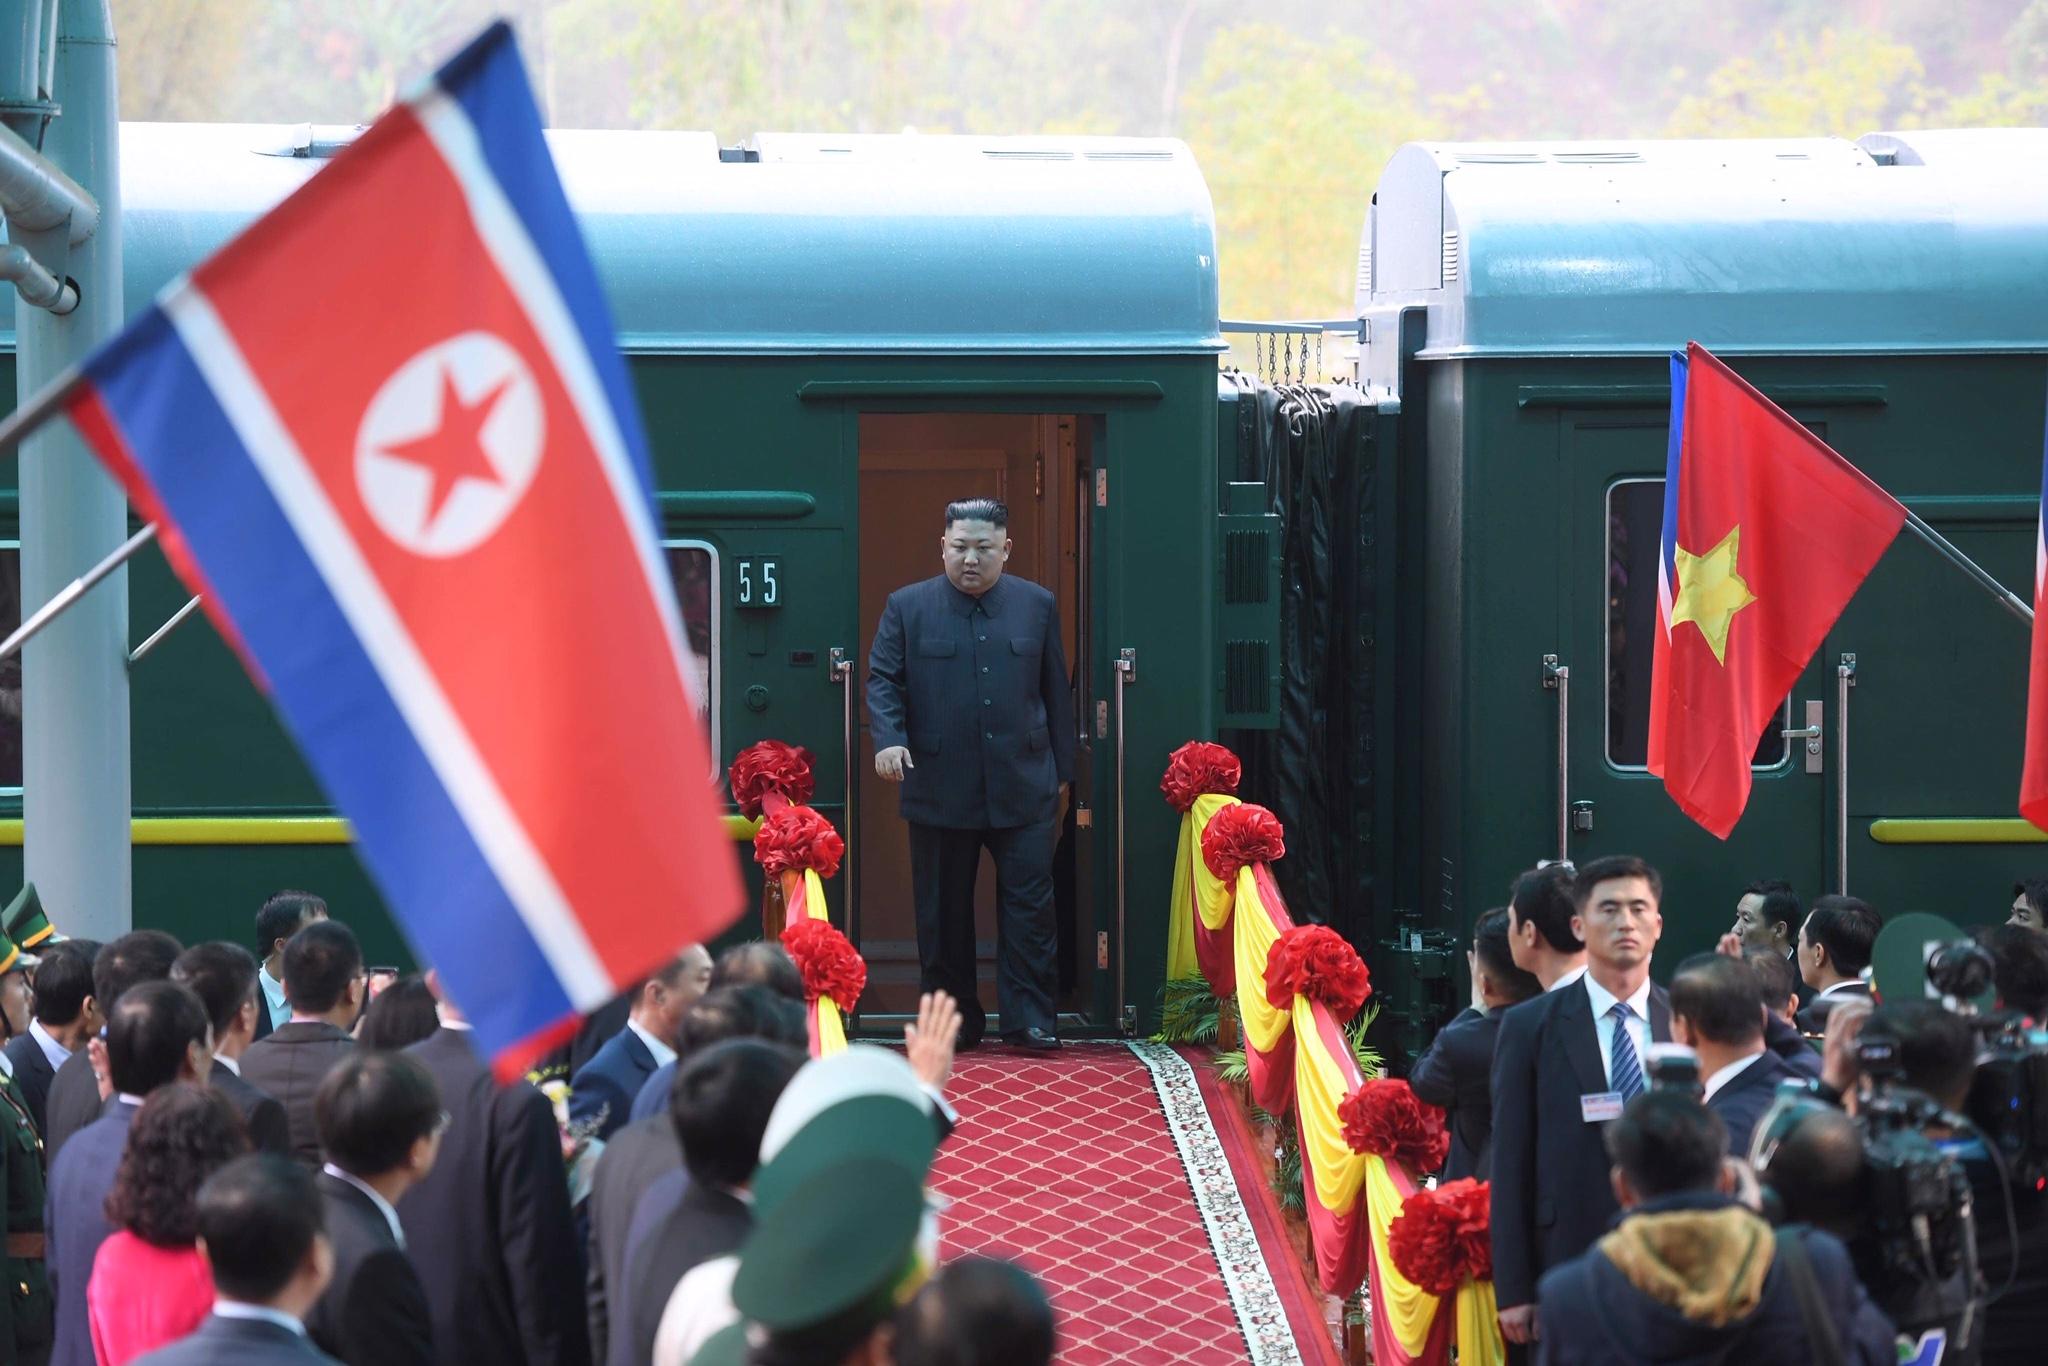 Những hình ảnh đầu tiên của Chủ tịch Triều Tiên Kim Jong-un tại Việt Nam 1